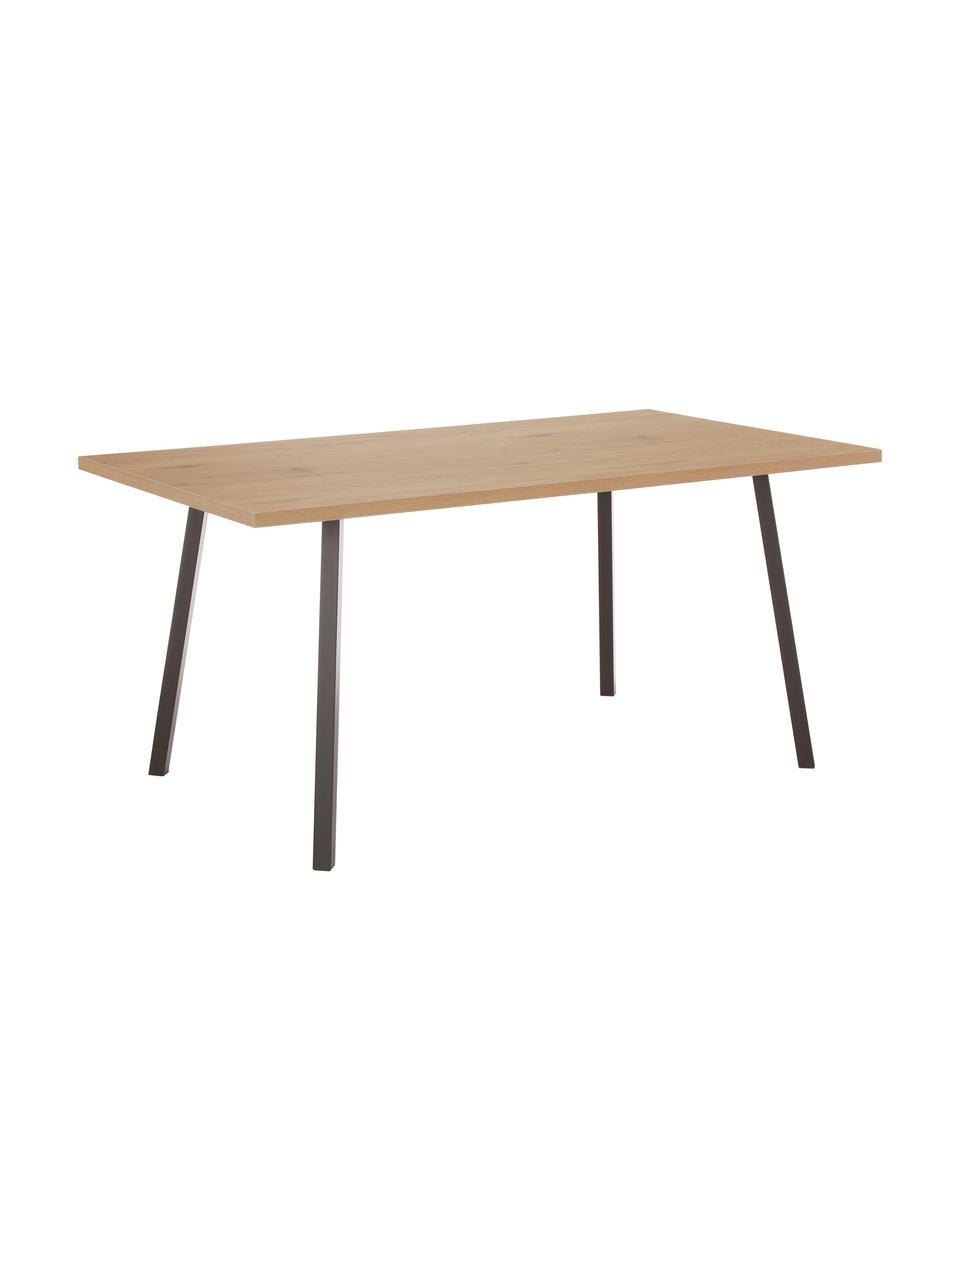 Stół do jadalni z blatem imitacji drewna dębowego Cenny, Blat: płyta pilśniowa średniej , Drewno dębowe, czarny, S 160 x G 90 cm